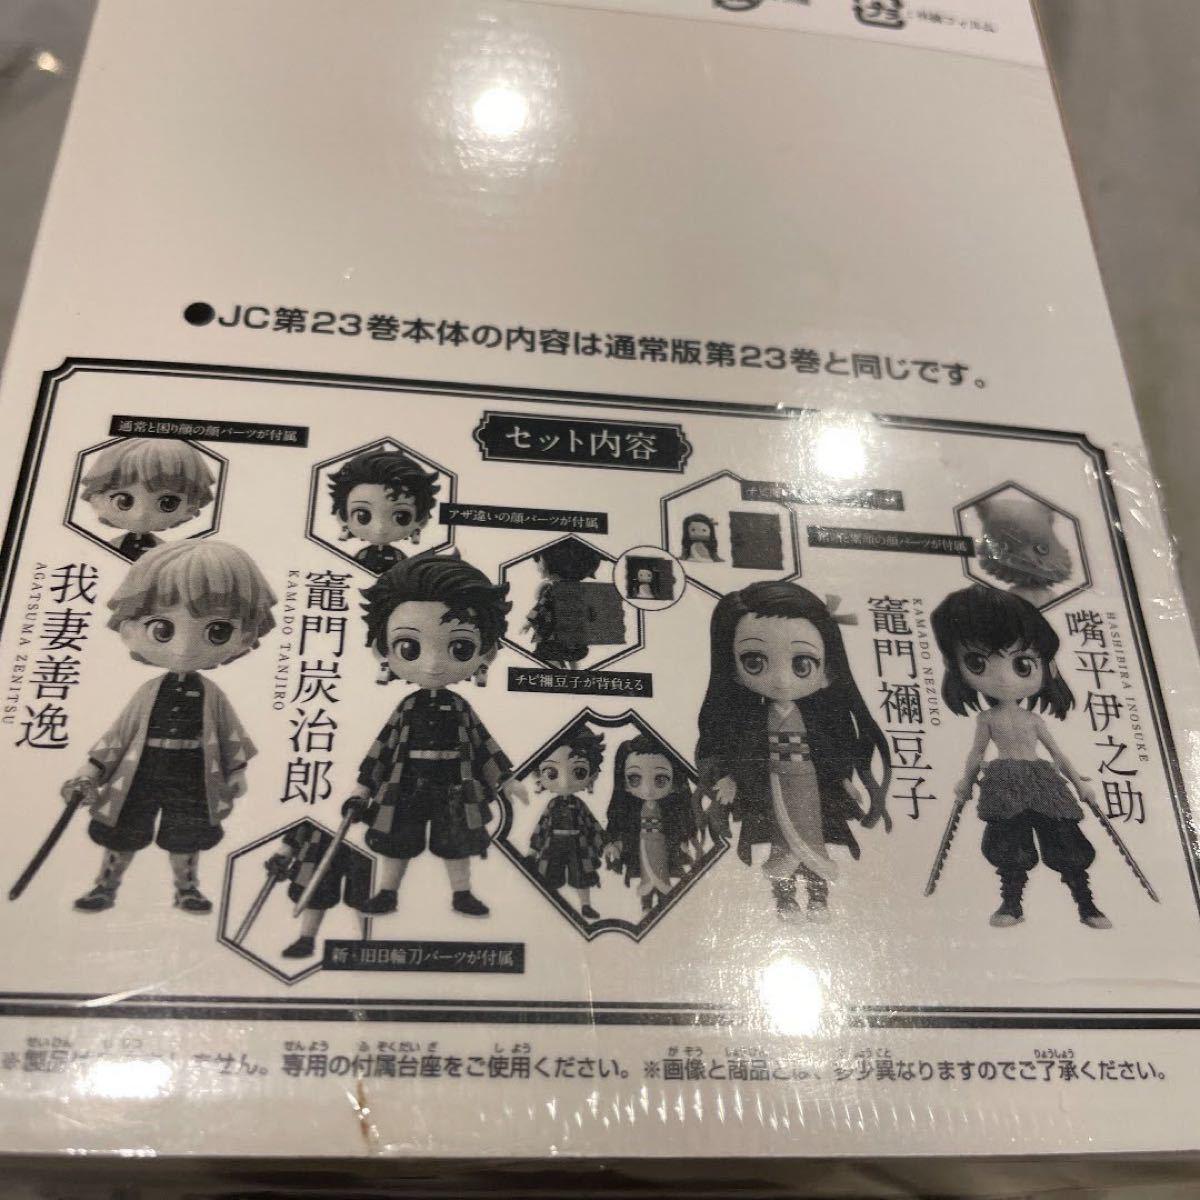 鬼滅の刃  23 フィギュア4体同梱版